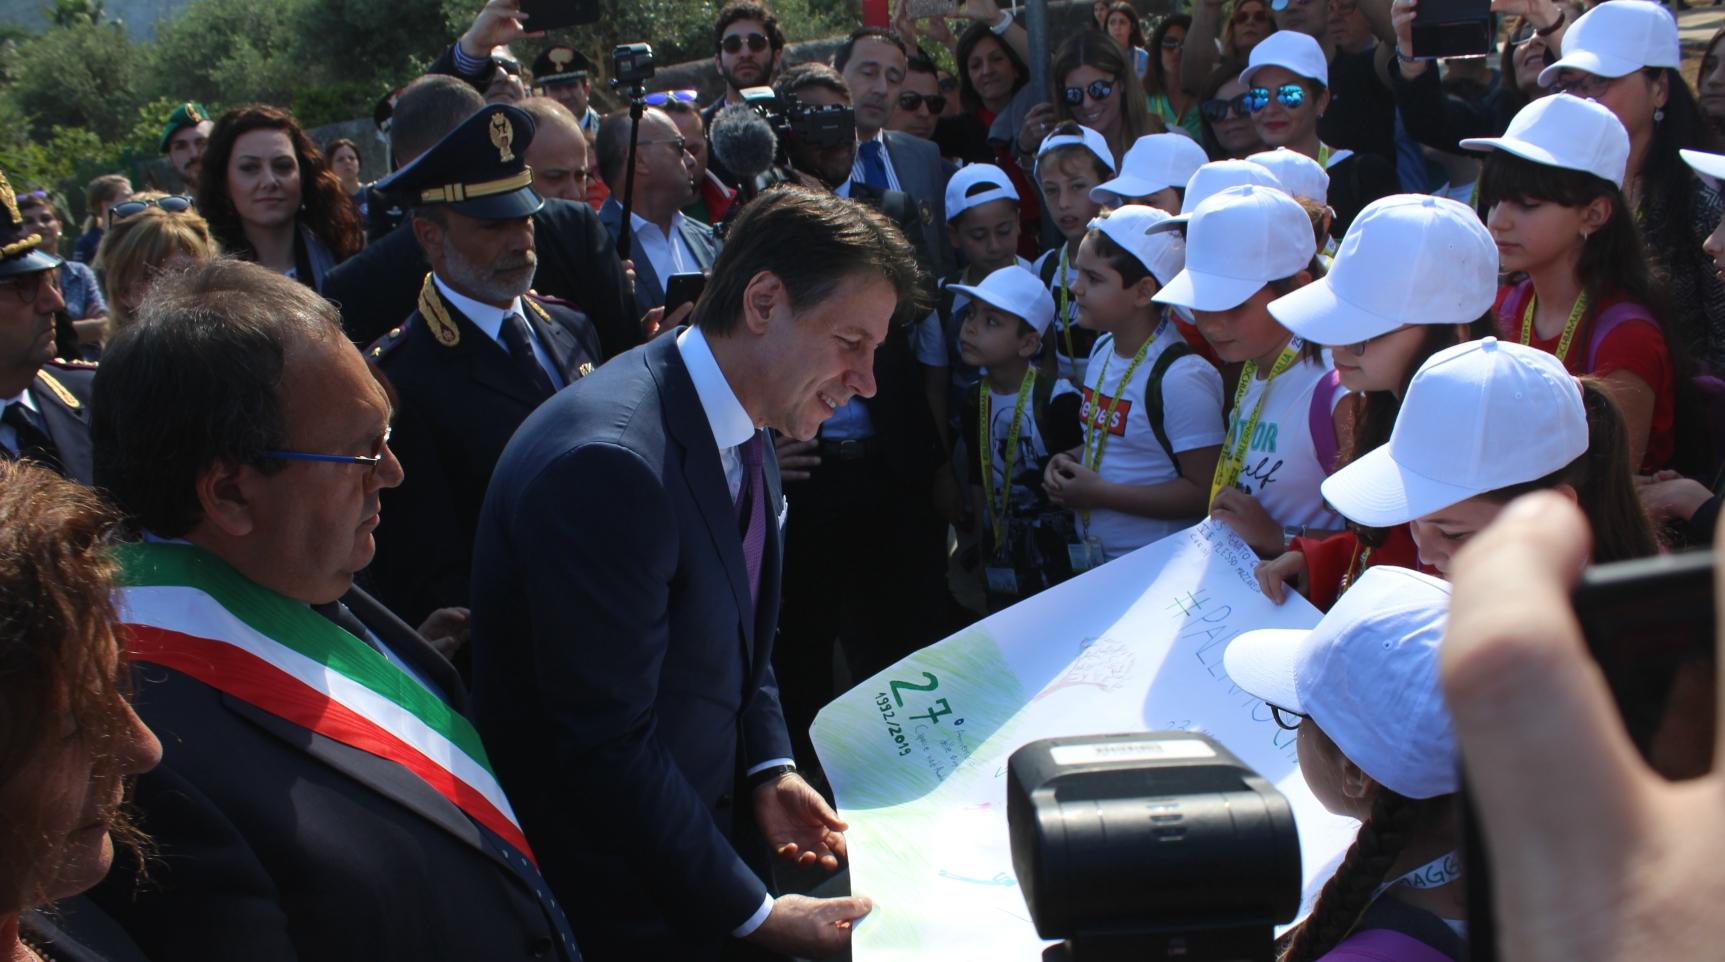 23 maggio, commemorazione nel giardino della memoria con il premier Conte e il ministro Salvini (VIDEO)